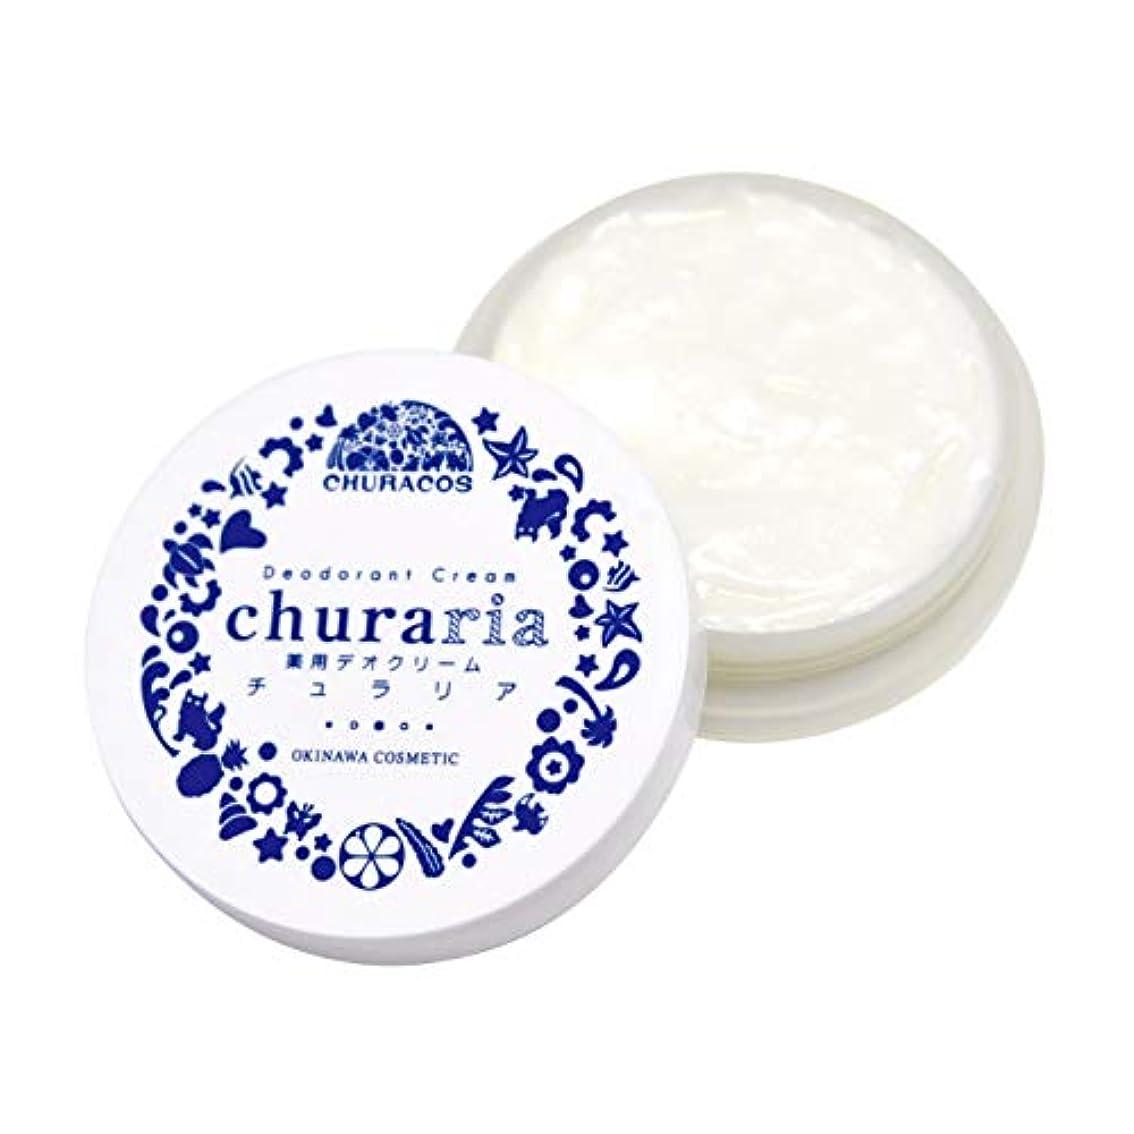 記憶白鳥冷えるチュラコス 薬用デオドラントクリーム チュラリア 27g 制汗剤 わきが デリケート (1個)